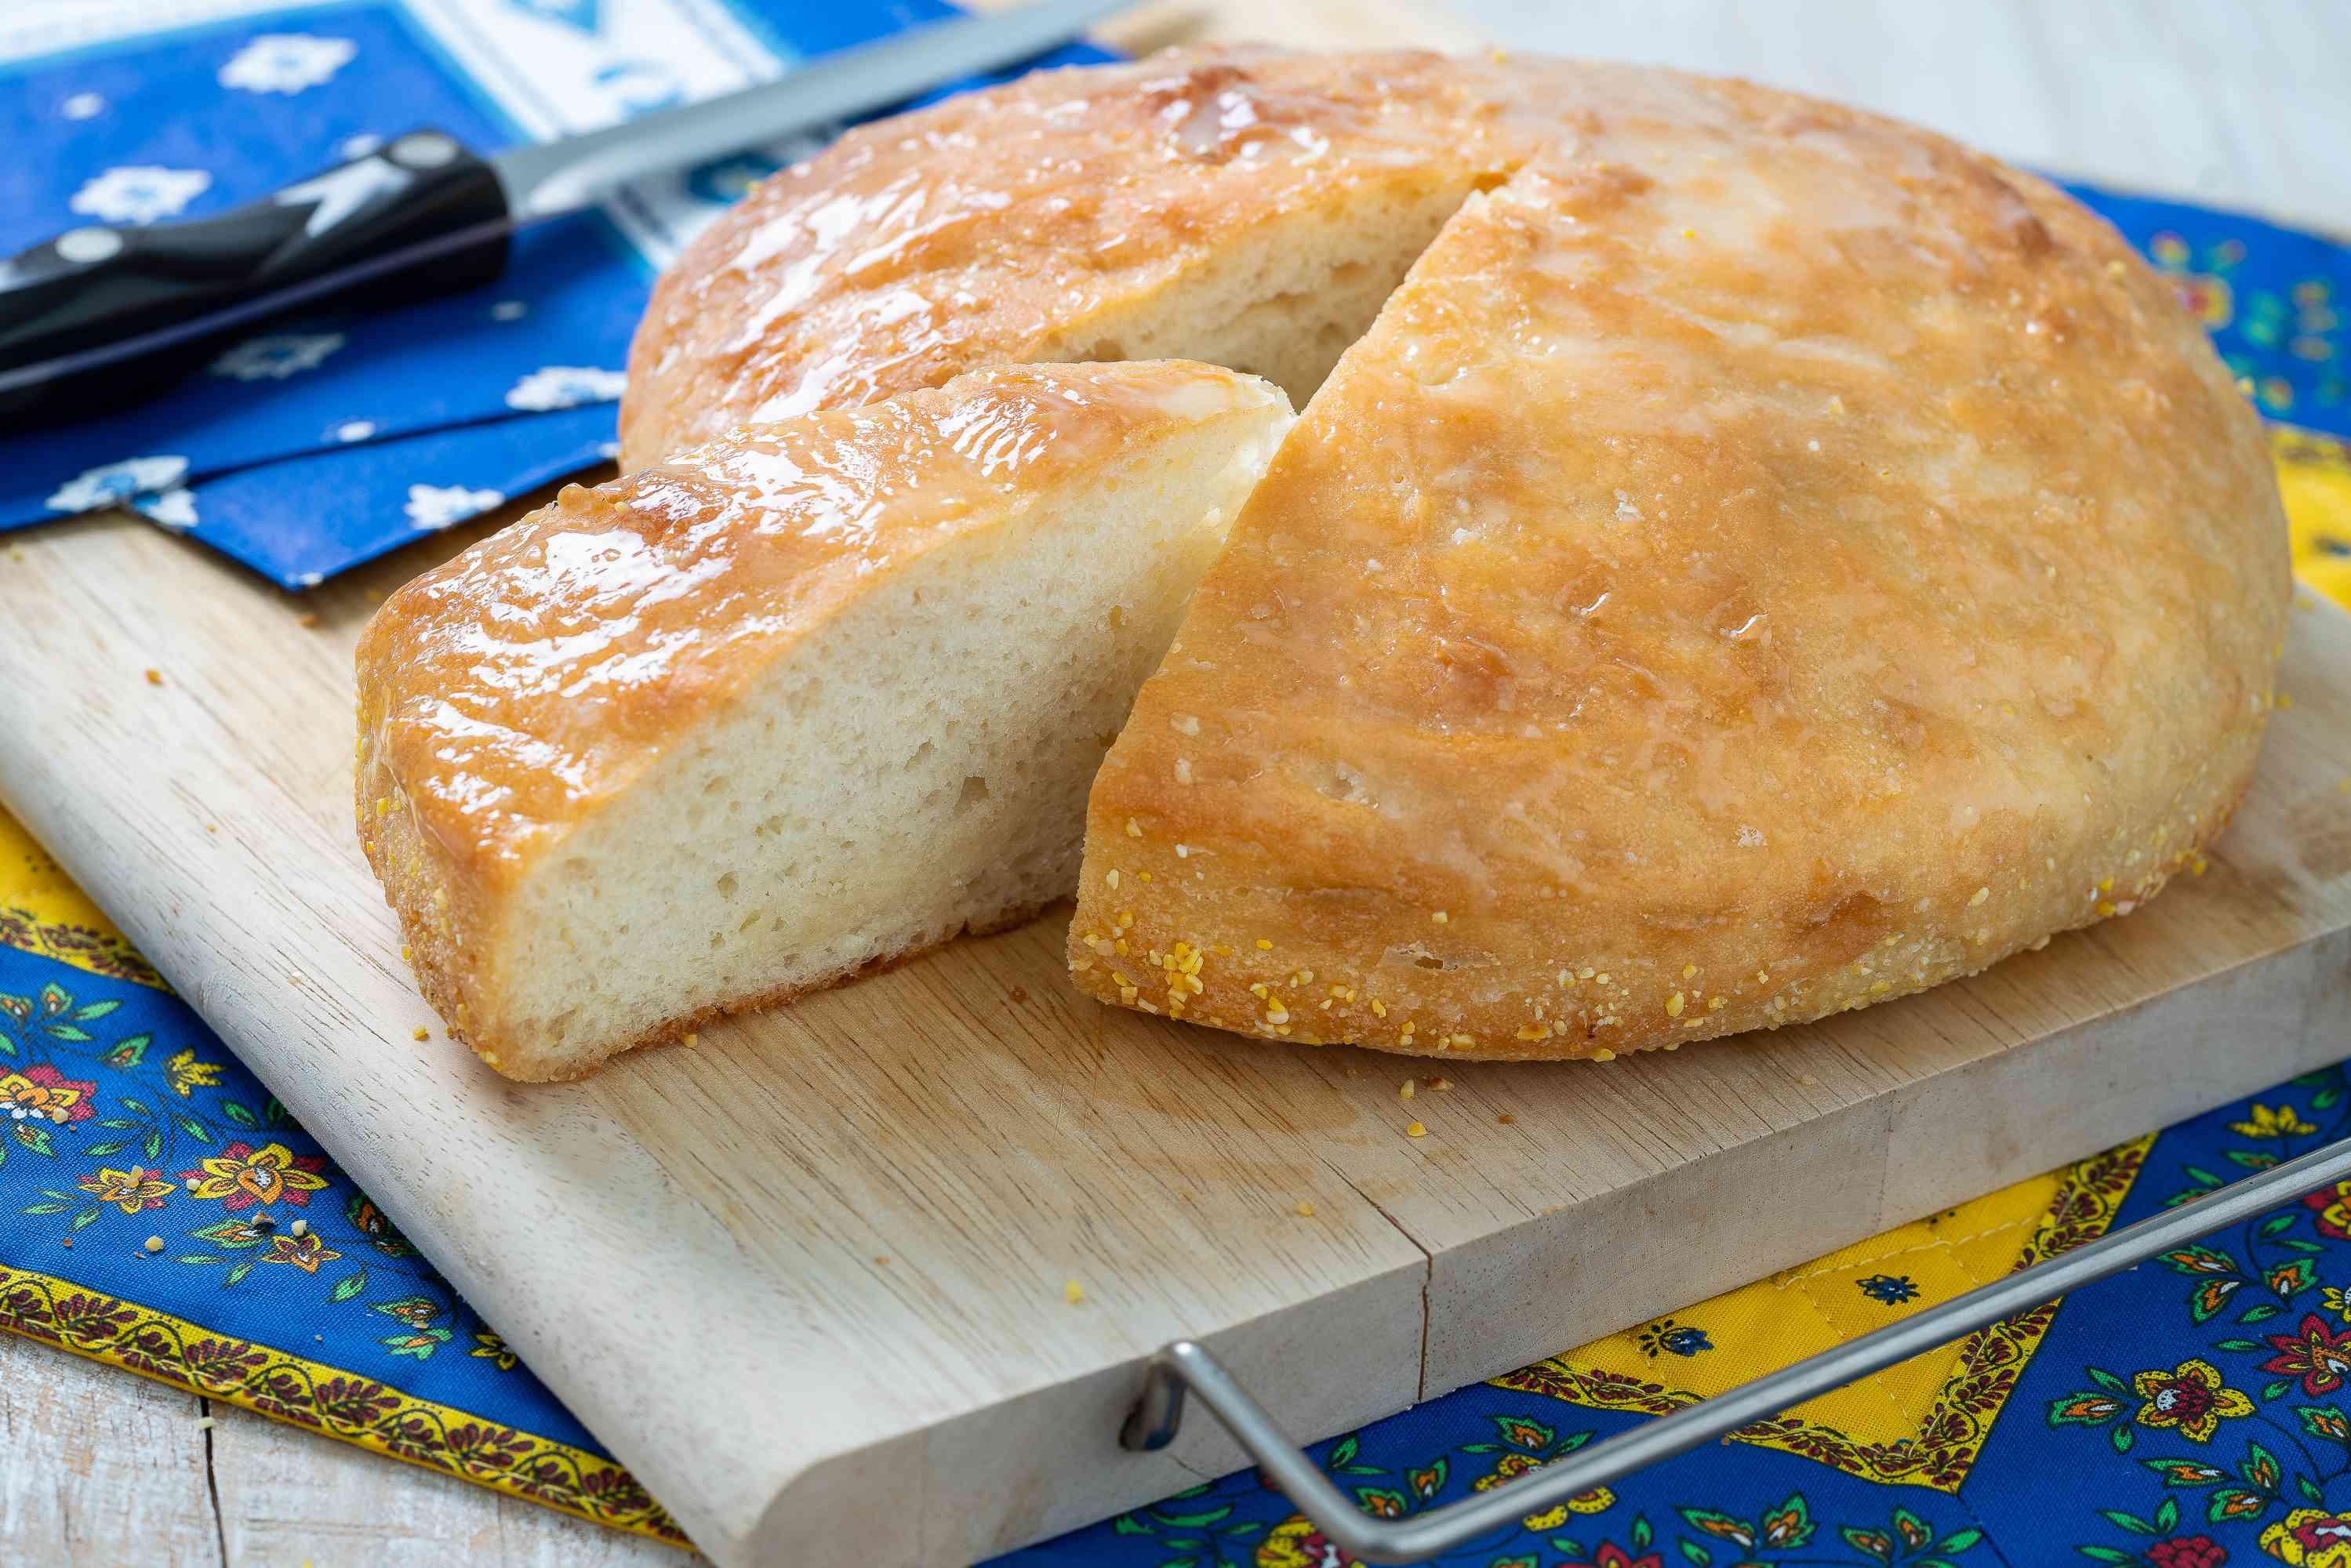 Peasant bread on a cutting board